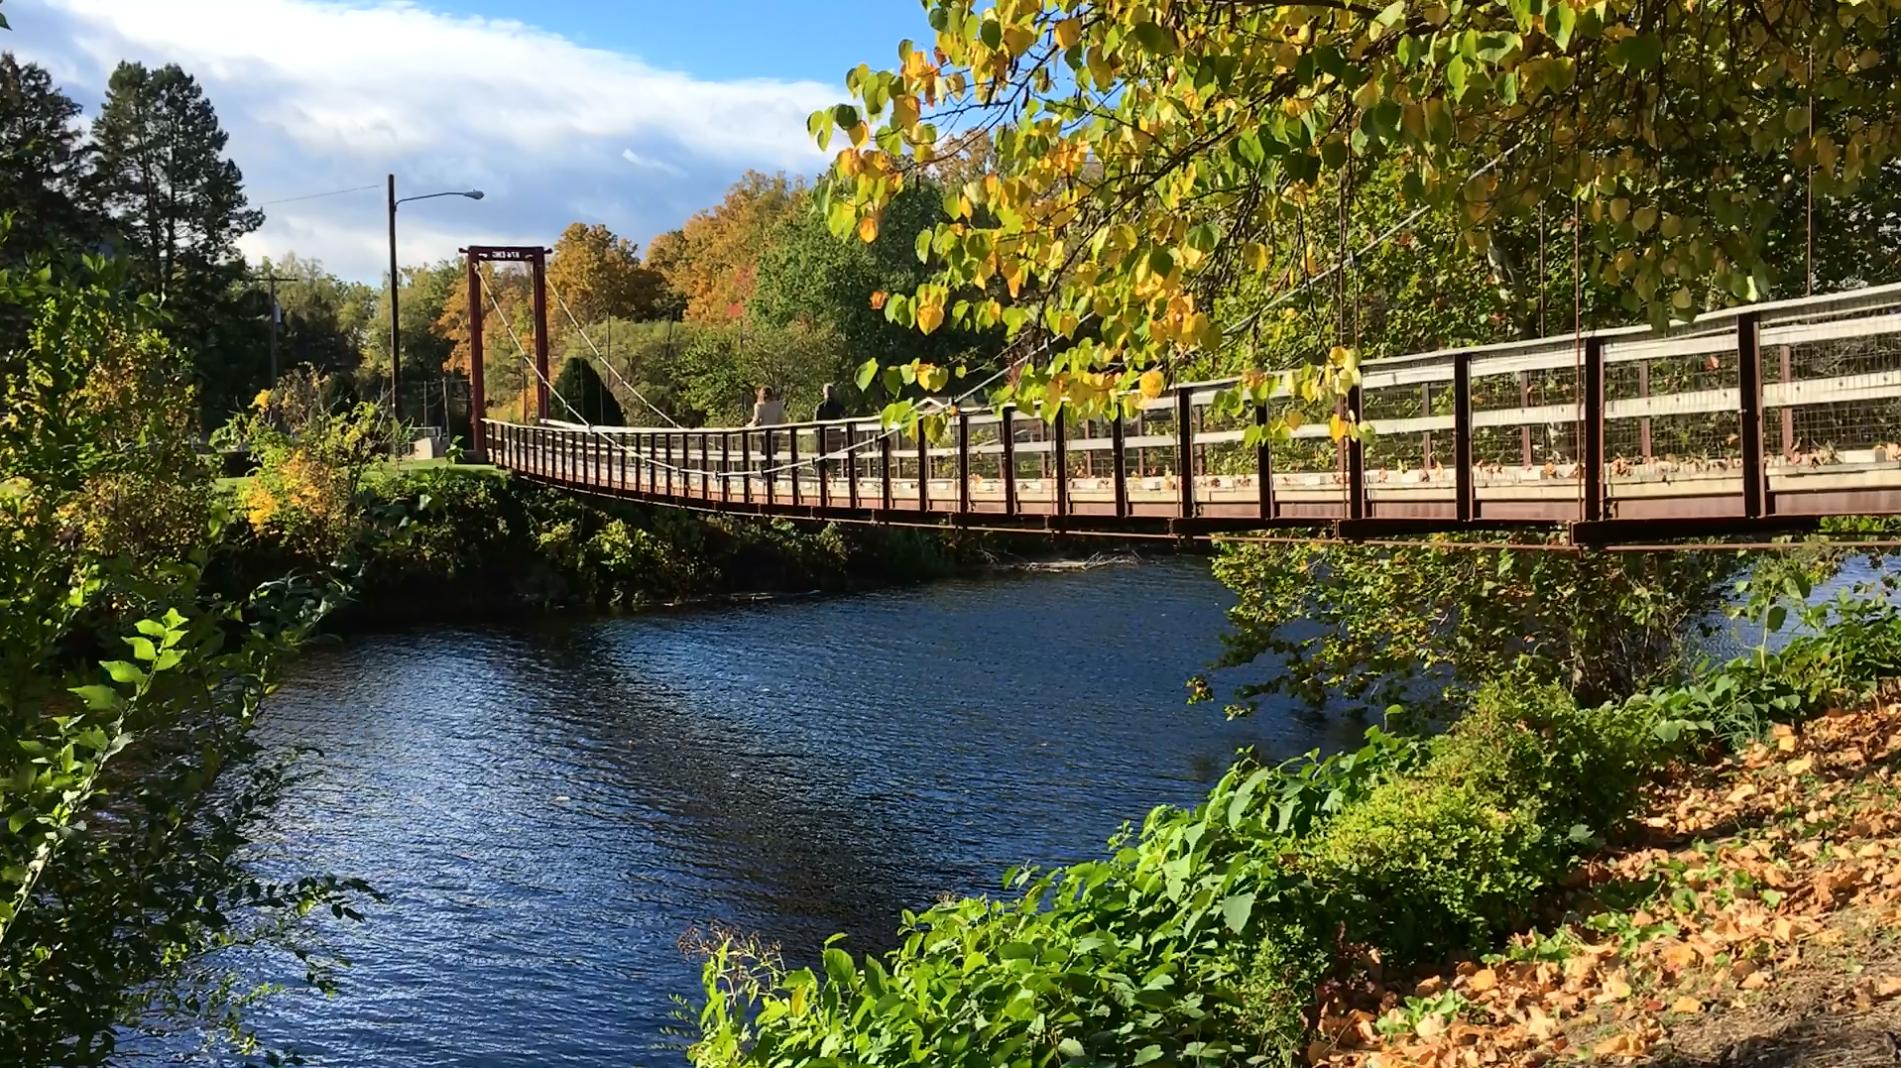 Millersburg pedestrian bridge